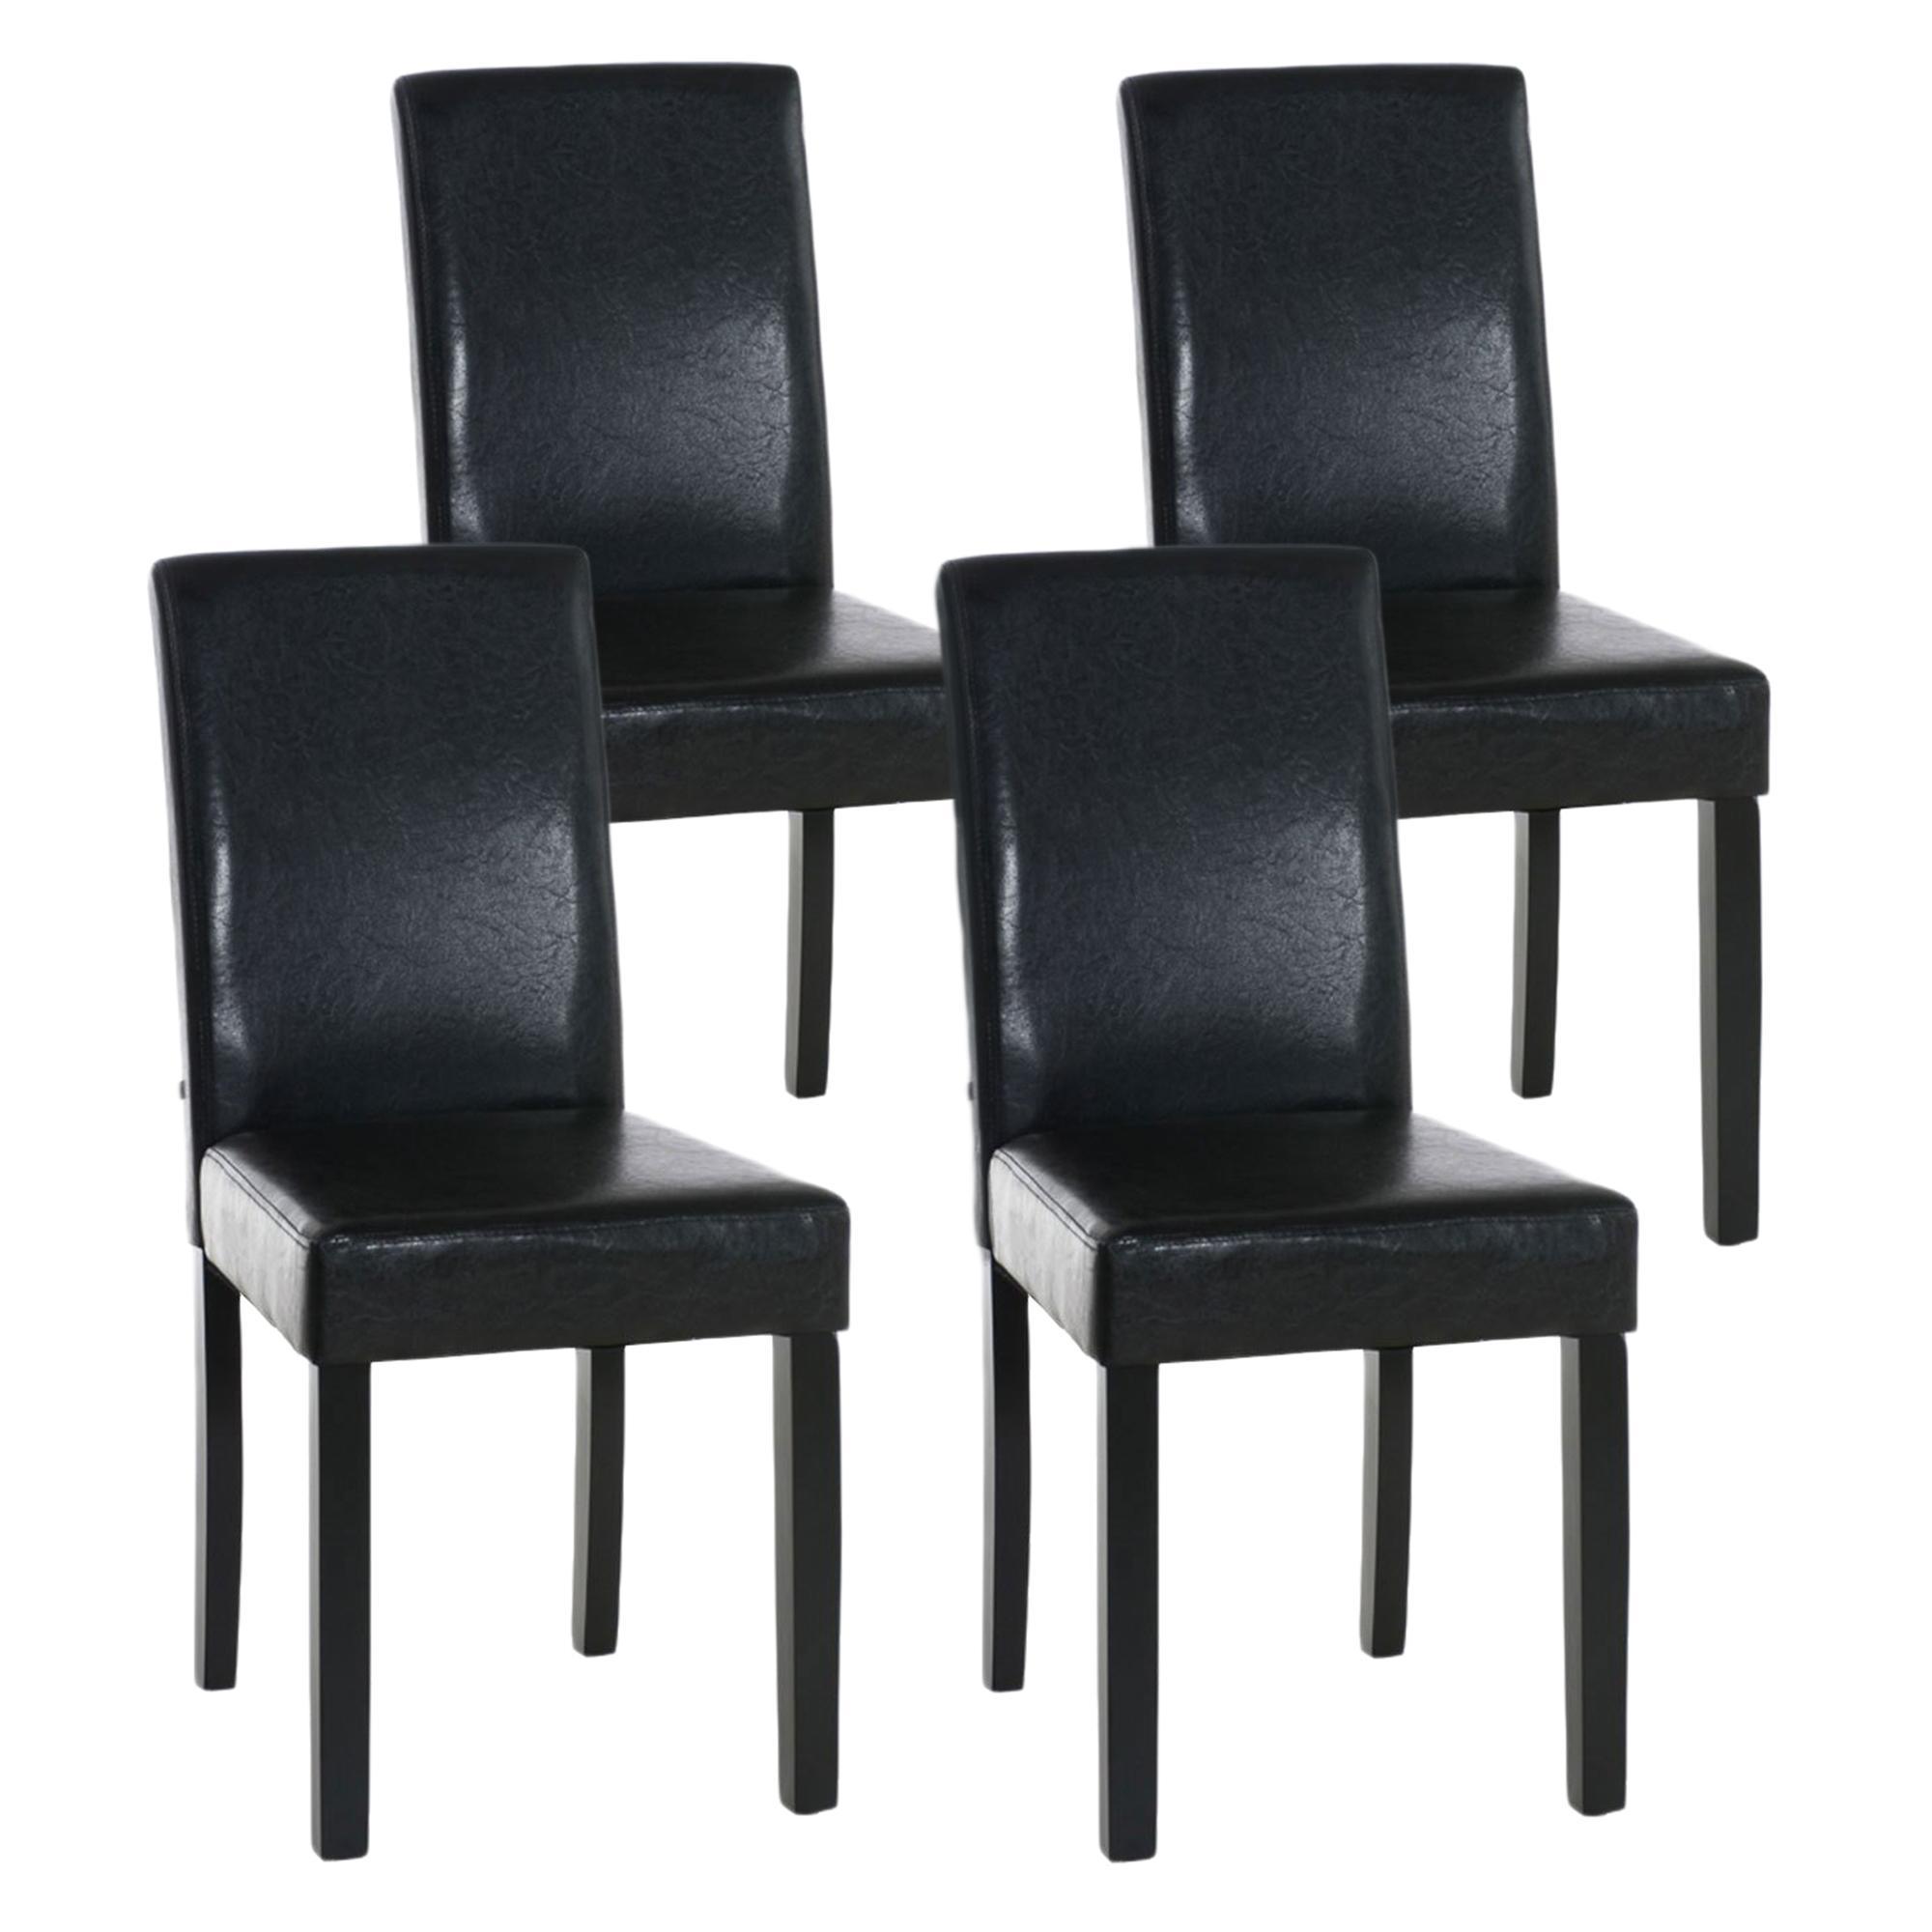 Lote de 4 sillas de comedor capri muy c modas y robustas for Sillas de comedor color gris